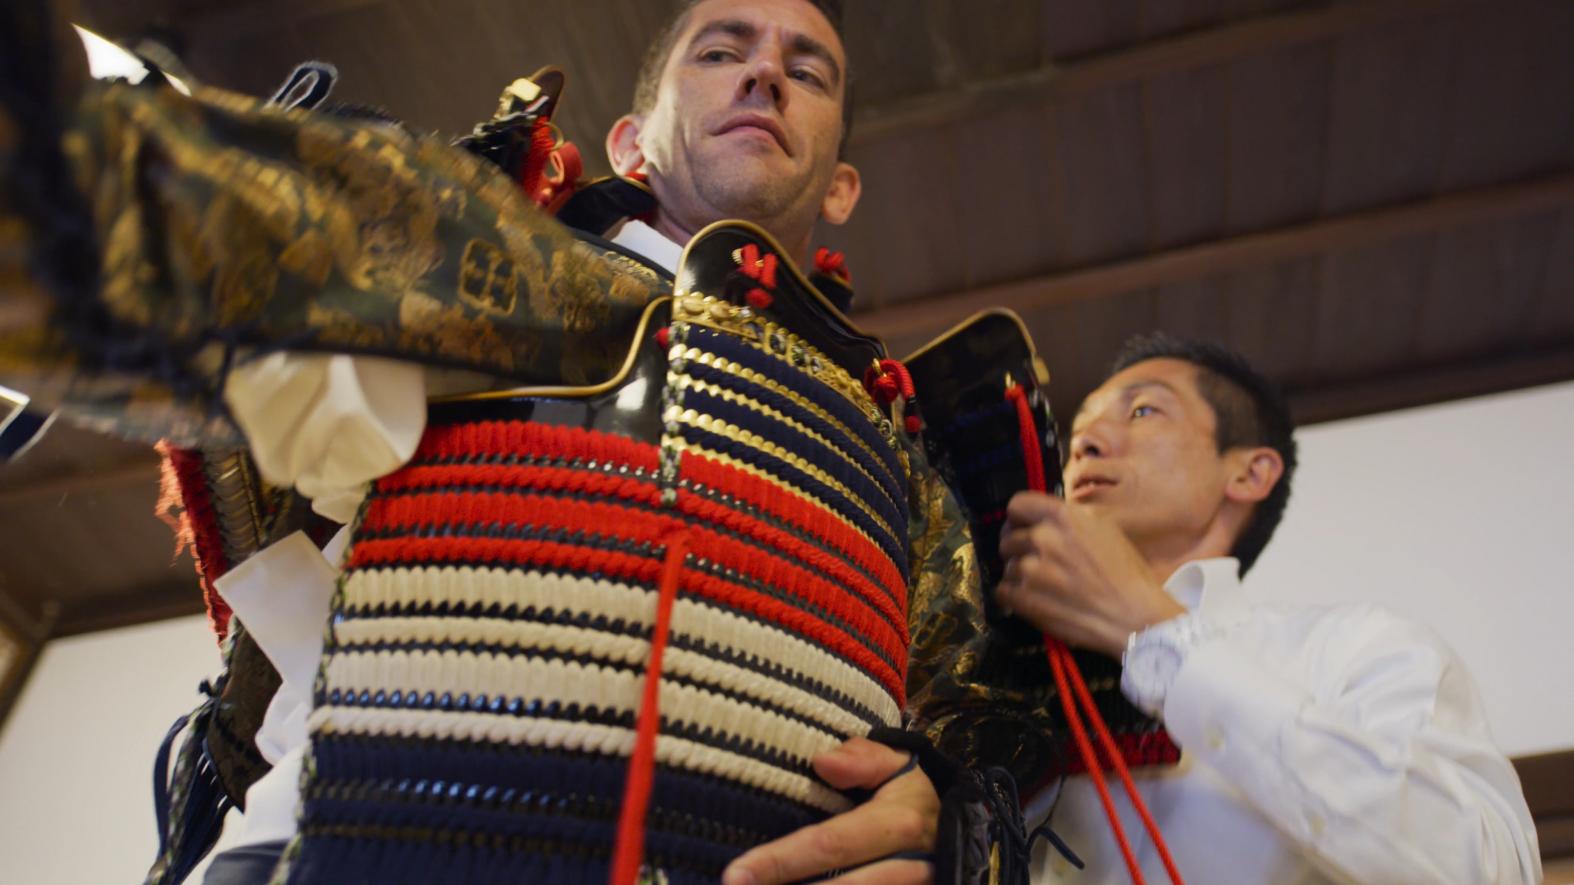 Shimadzu Samurai Armour Experience-3